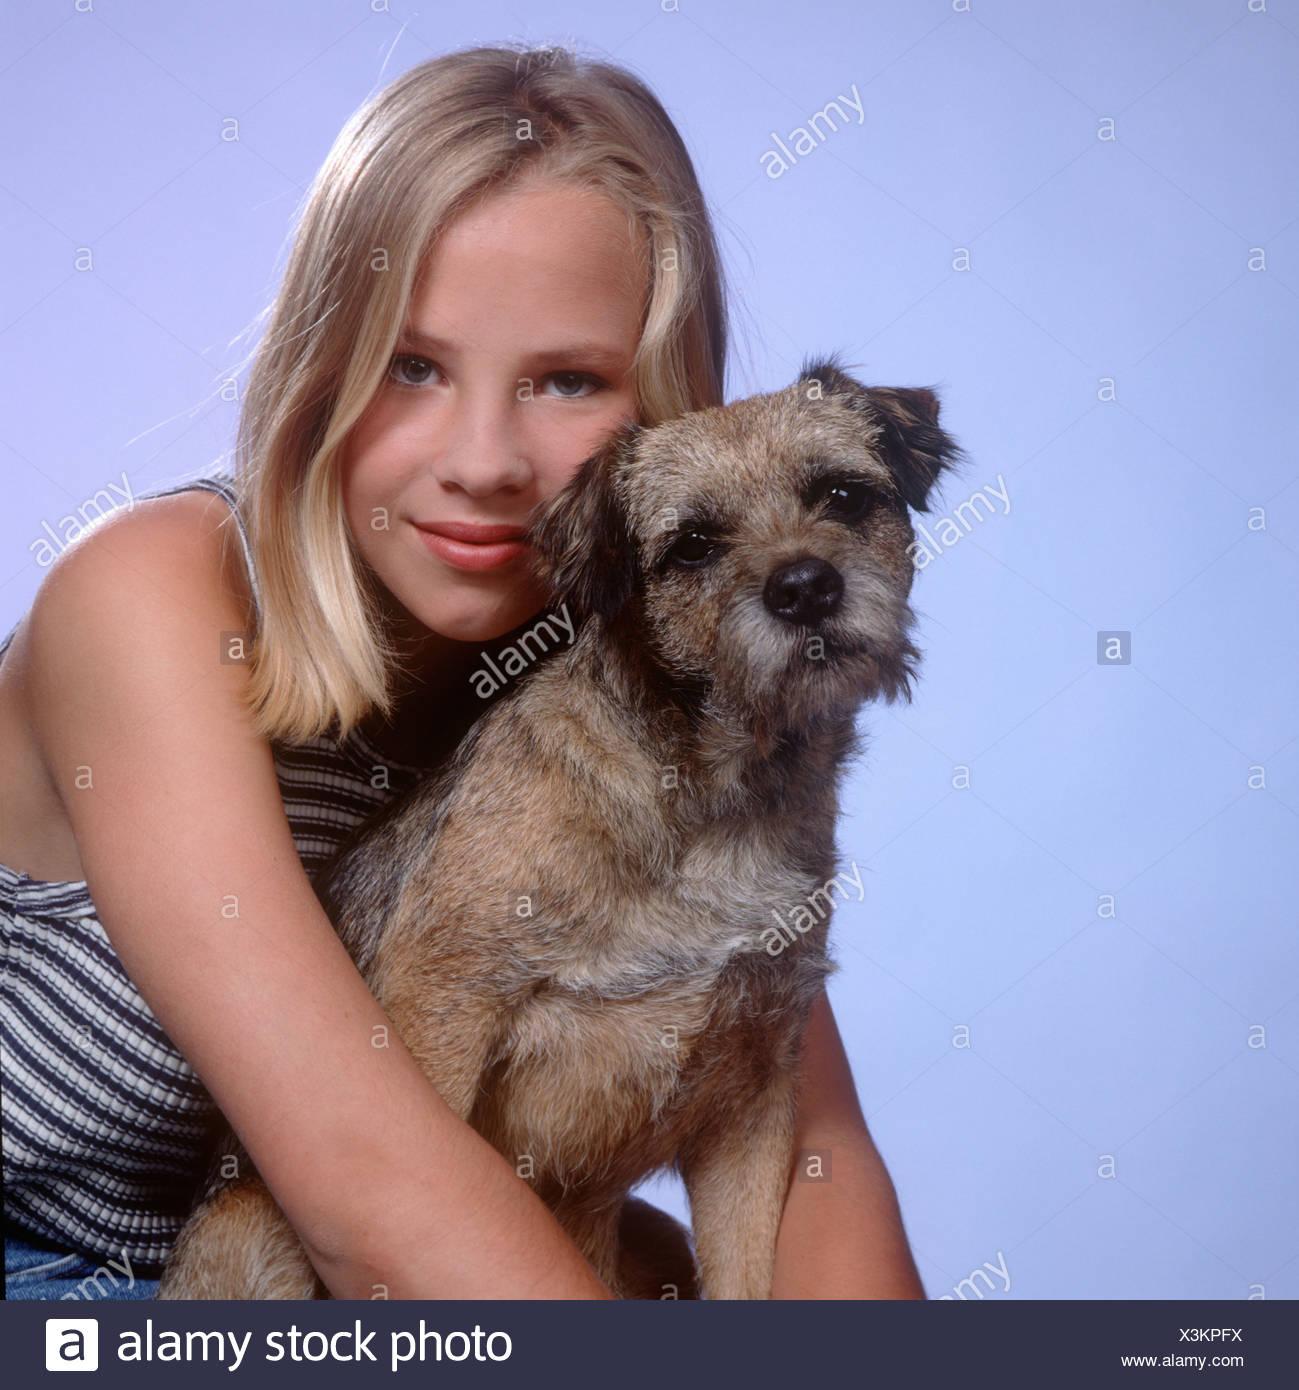 Teen girl and dog - Stock Image